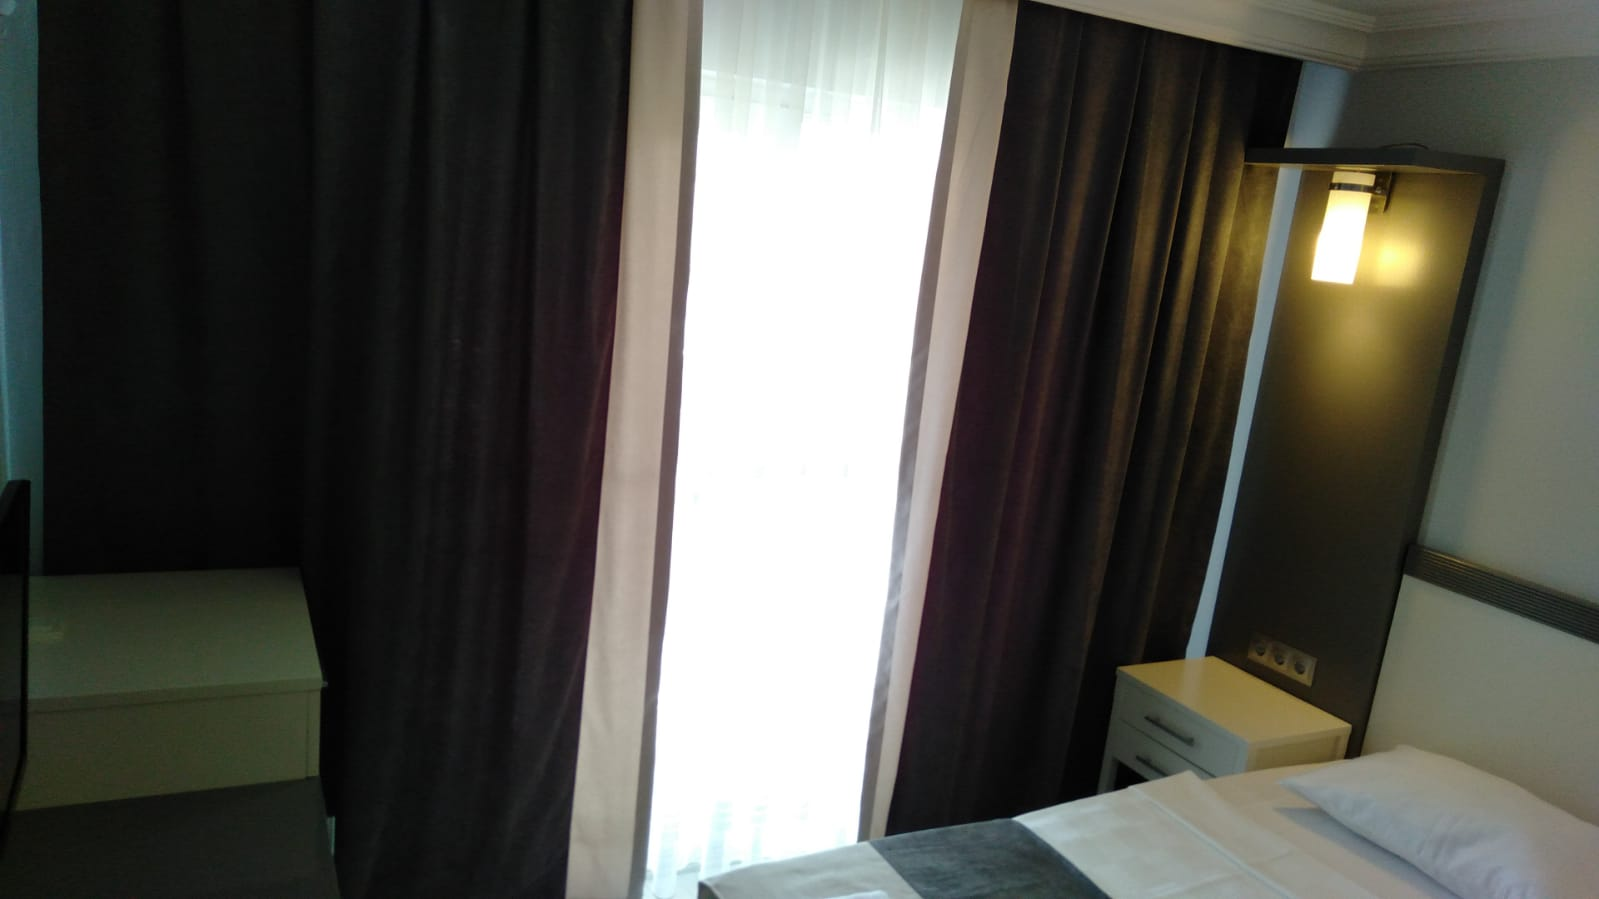 Letovanje Turska  autobusom, Kusadasi, Hotel Roxx Royal ex Santur,seo hotelske sobe